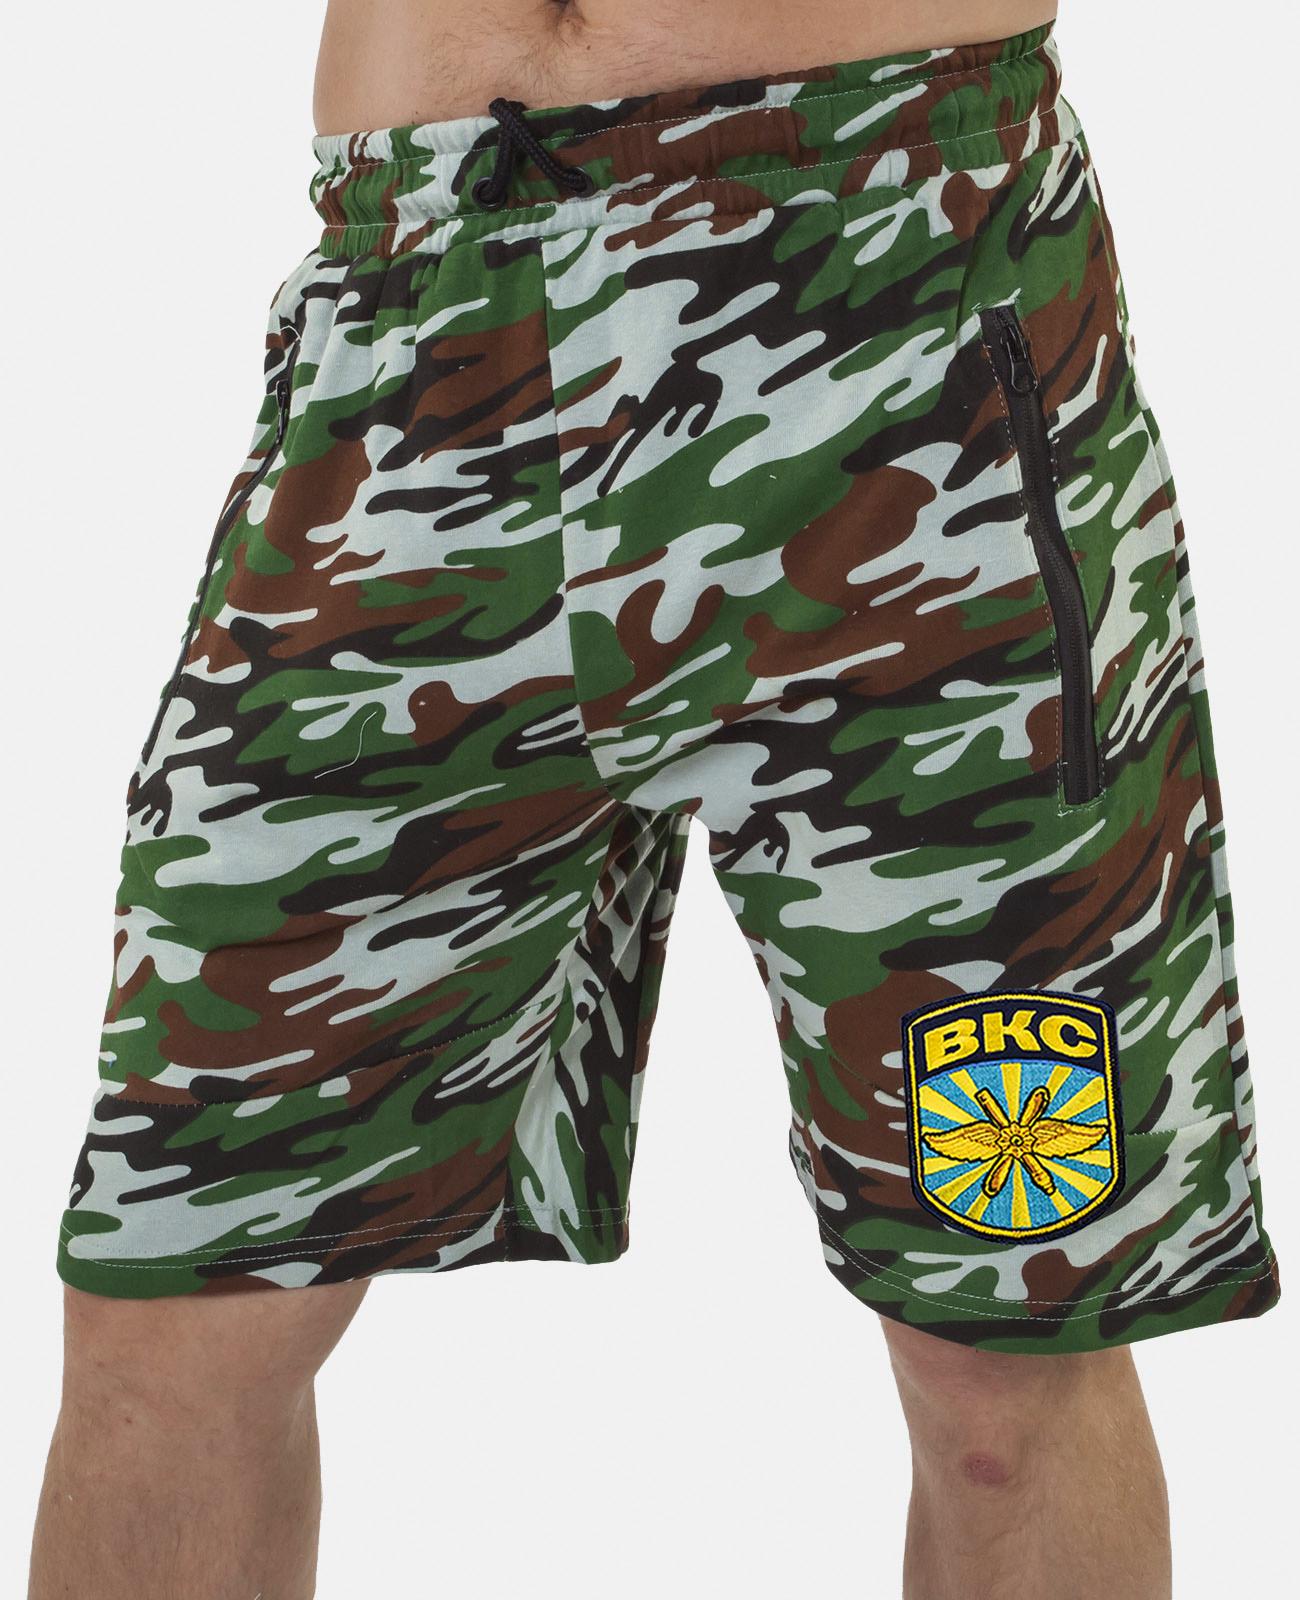 Купить удлиненные надежные шорты с нашивкой ВКС в подарок мужчине